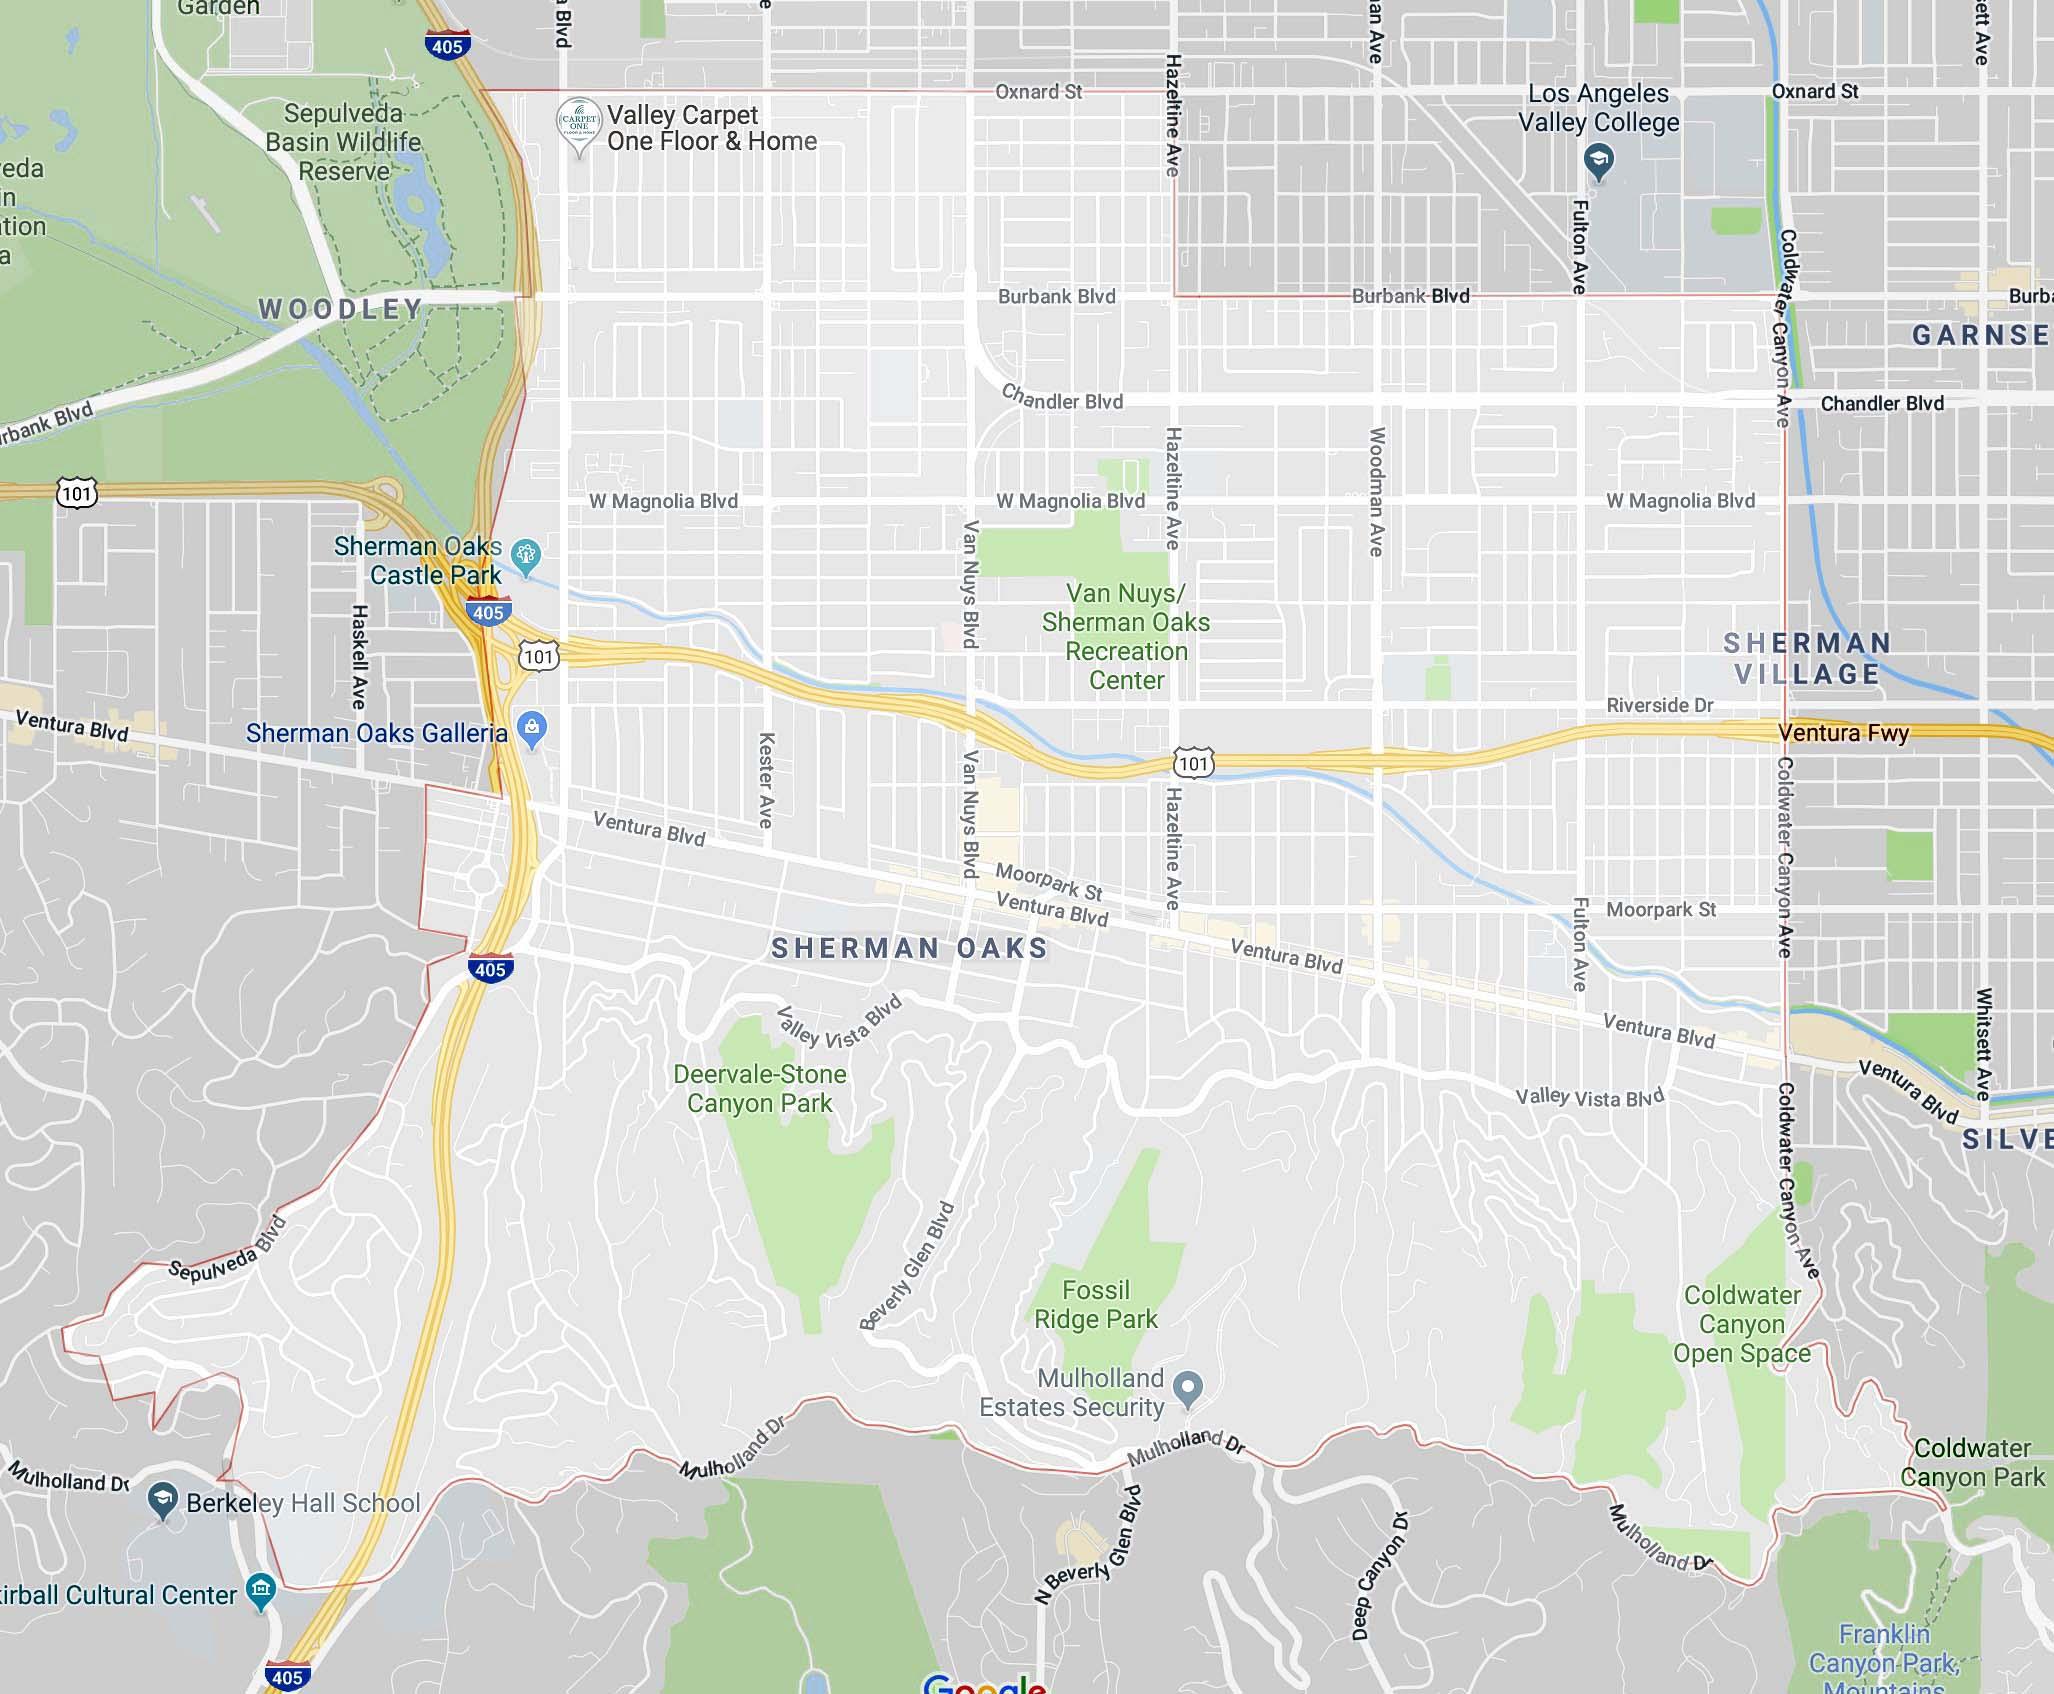 sherman-oaks-map.jpg